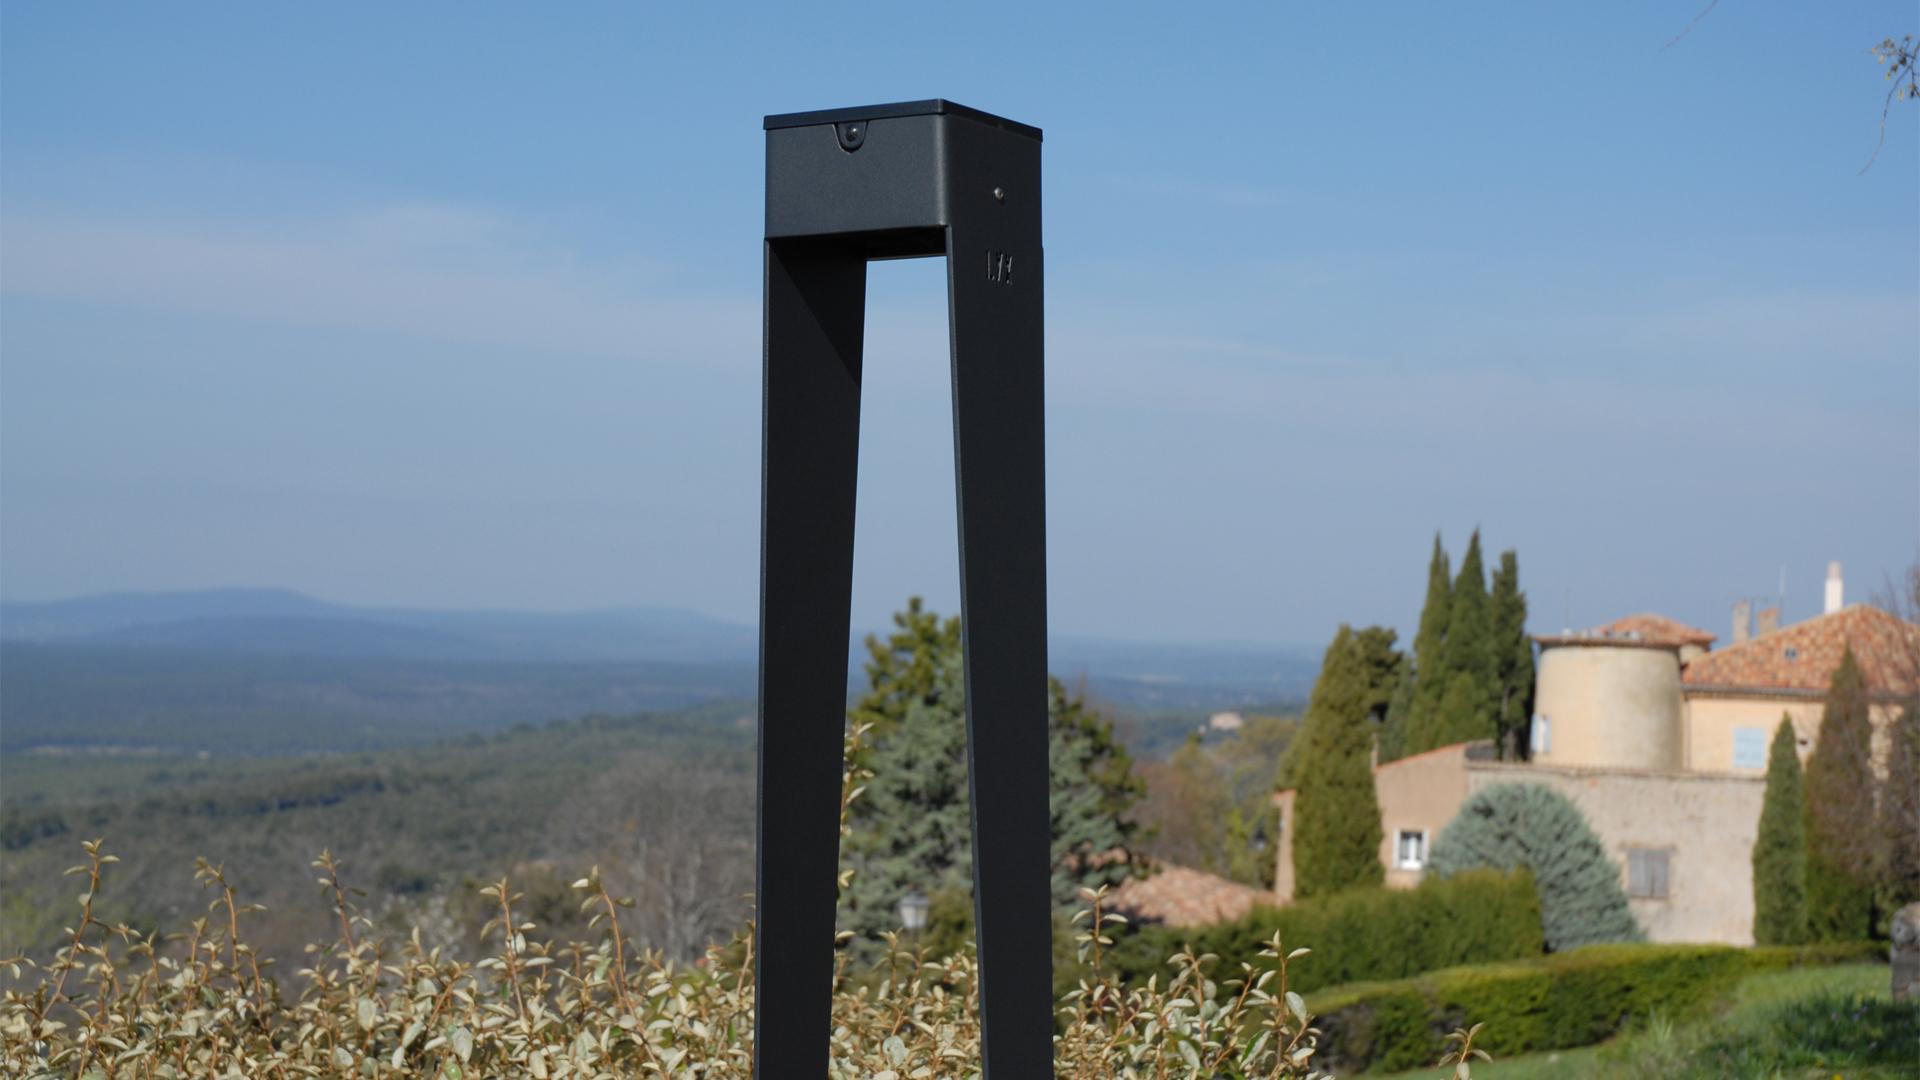 La borne d'éclairage extérieure BTS 900 est une borne extérieure solaire édité par LYX Luminaires fabriquée en acier inoxydable. Cette borne d'éclairage solaire permet un éclairage performant et un éclairage puissant. La borne d'éclairage extérieure solaire BTS 900 dispose d'un capteur solaire performant. La balise extérieure solaire BTS 900 est une lampe autonome solaire idéale pour l'éclairage d'entrée, l'éclairage de terrasses, l'éclairage de jardins. La lampe extérieure solaire BTS 900 est équipée d'un détecteur de mouvement / détecteur de présence. Cette borne de jardin, lampe de terrasse s'adaptant à tout type d'environnement architectural est idéale pour éclairer votre extérieur. Les lampes solaires extérieures LYX Luminaires offrent un éclairage design un éclairage original et un éclairage moderne.